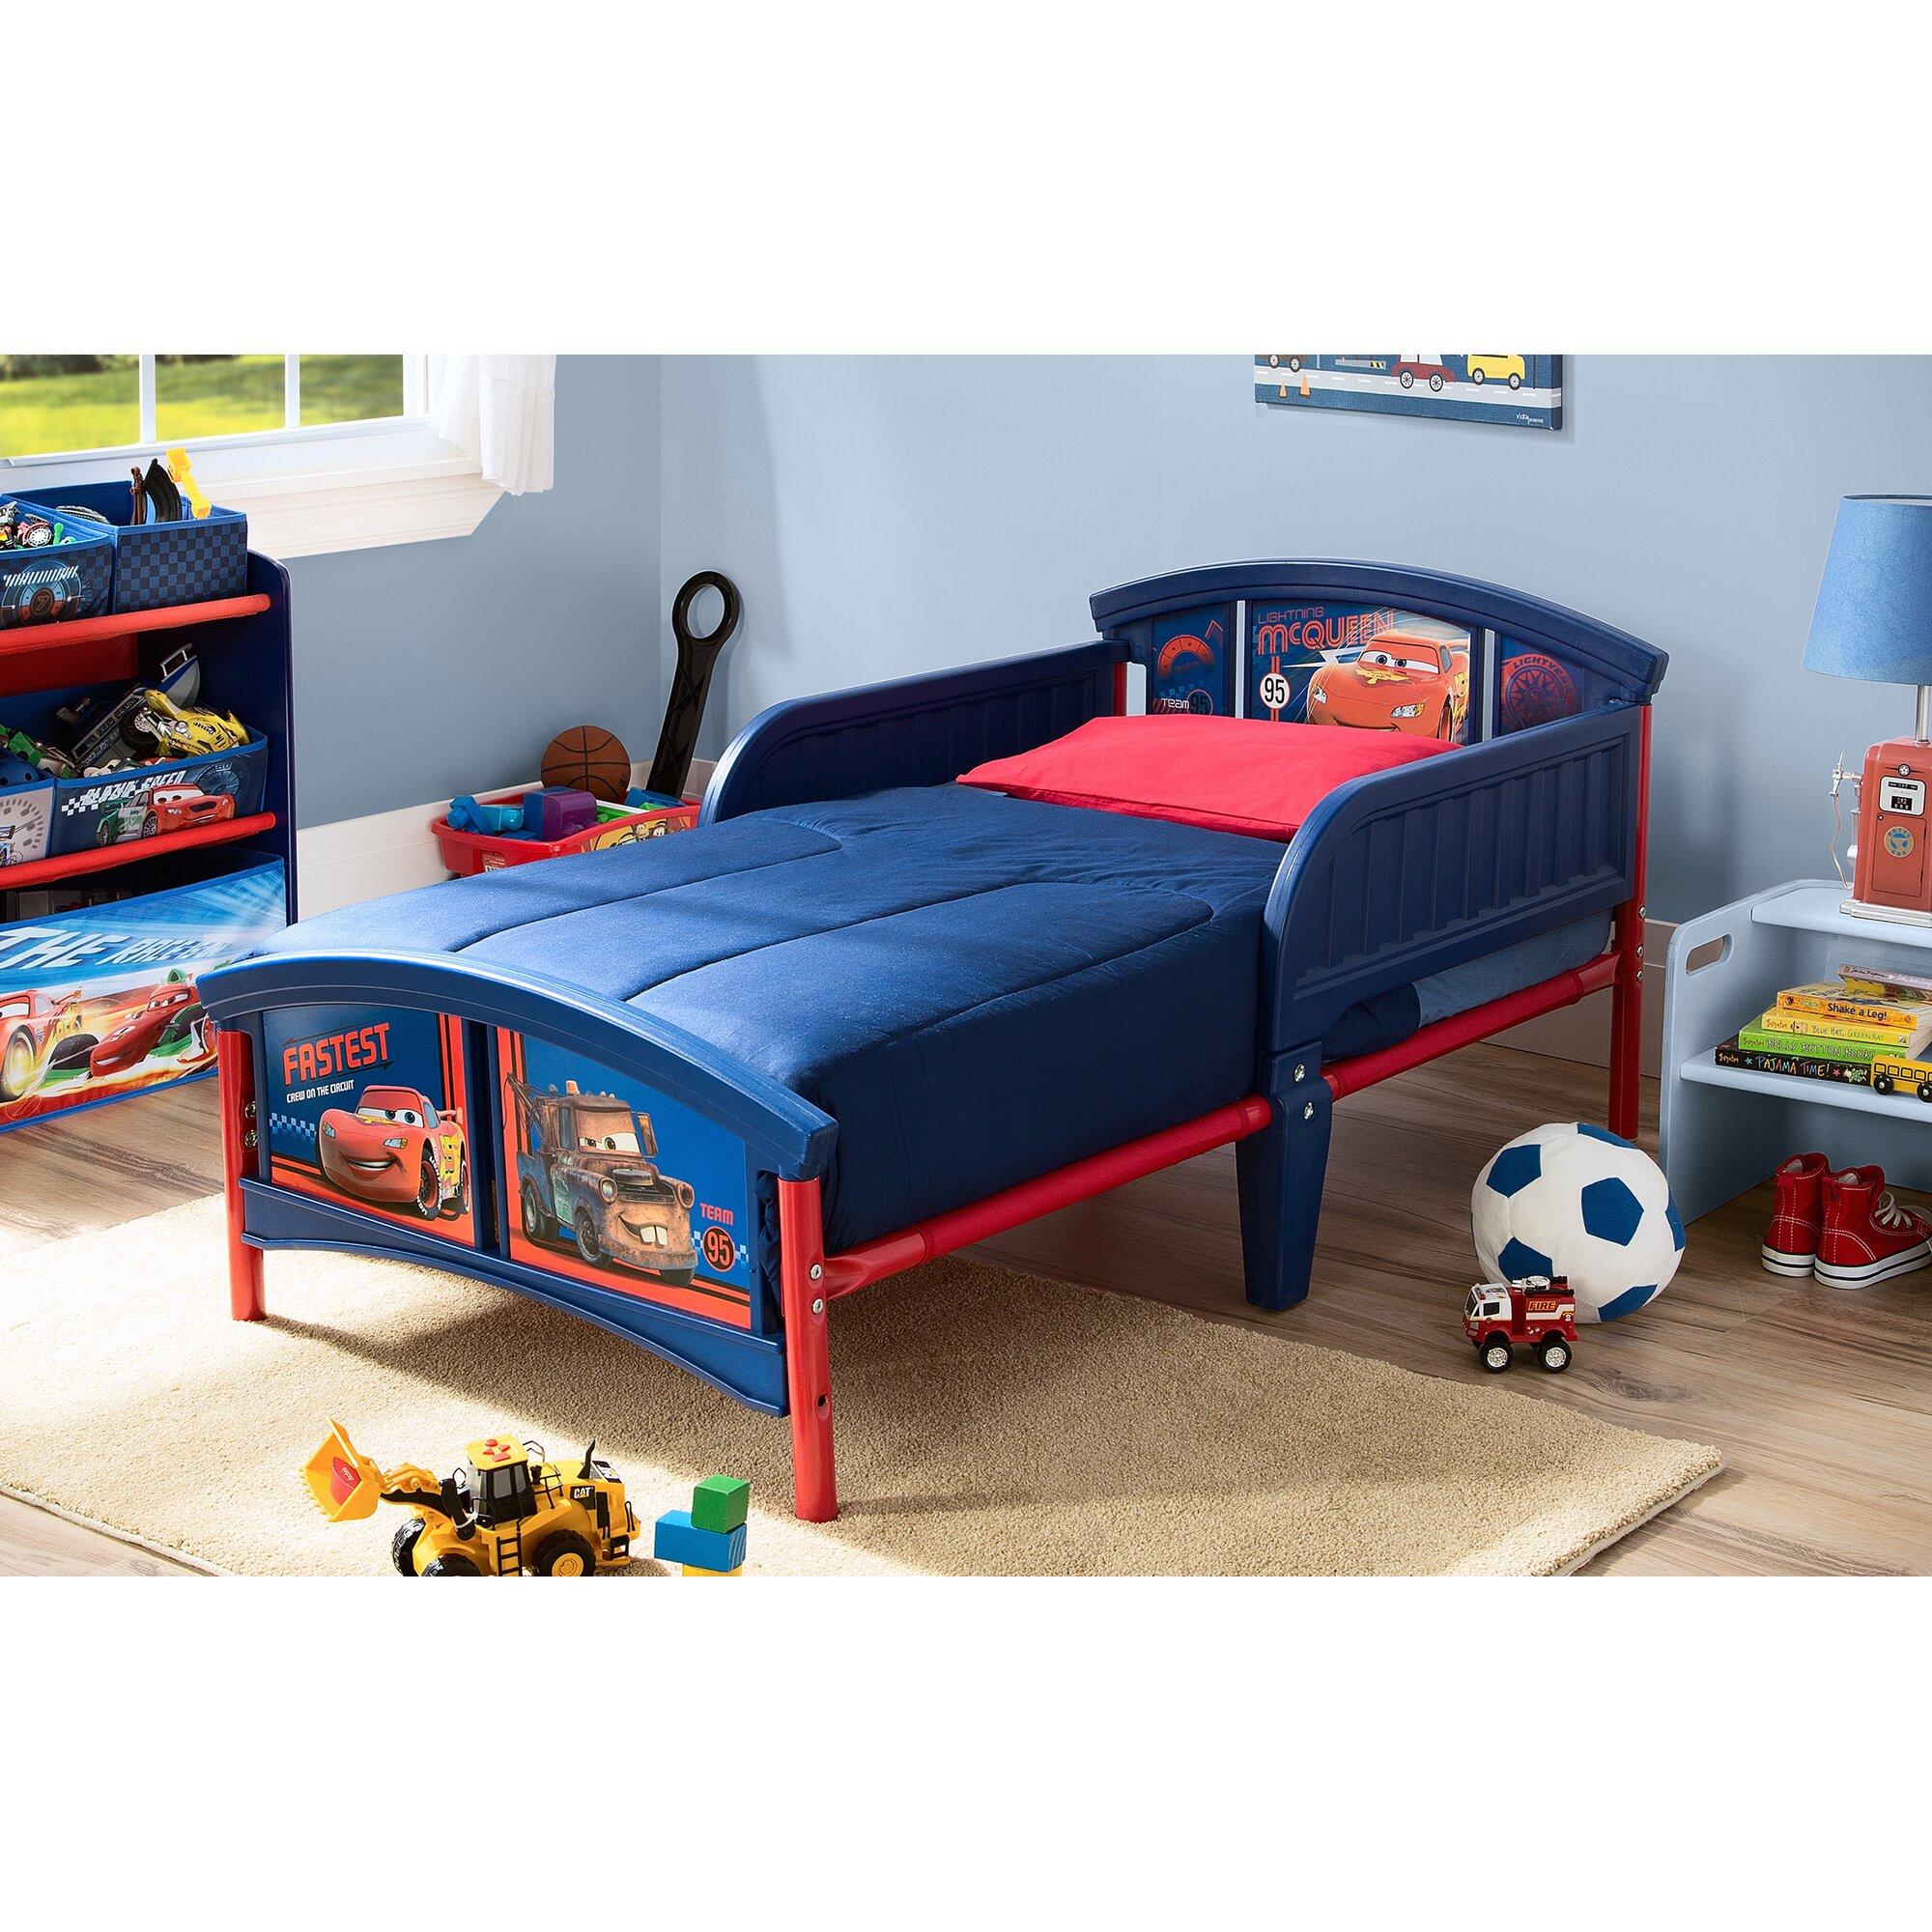 Delta Children Disney Pixar Convertible Toddler Bed